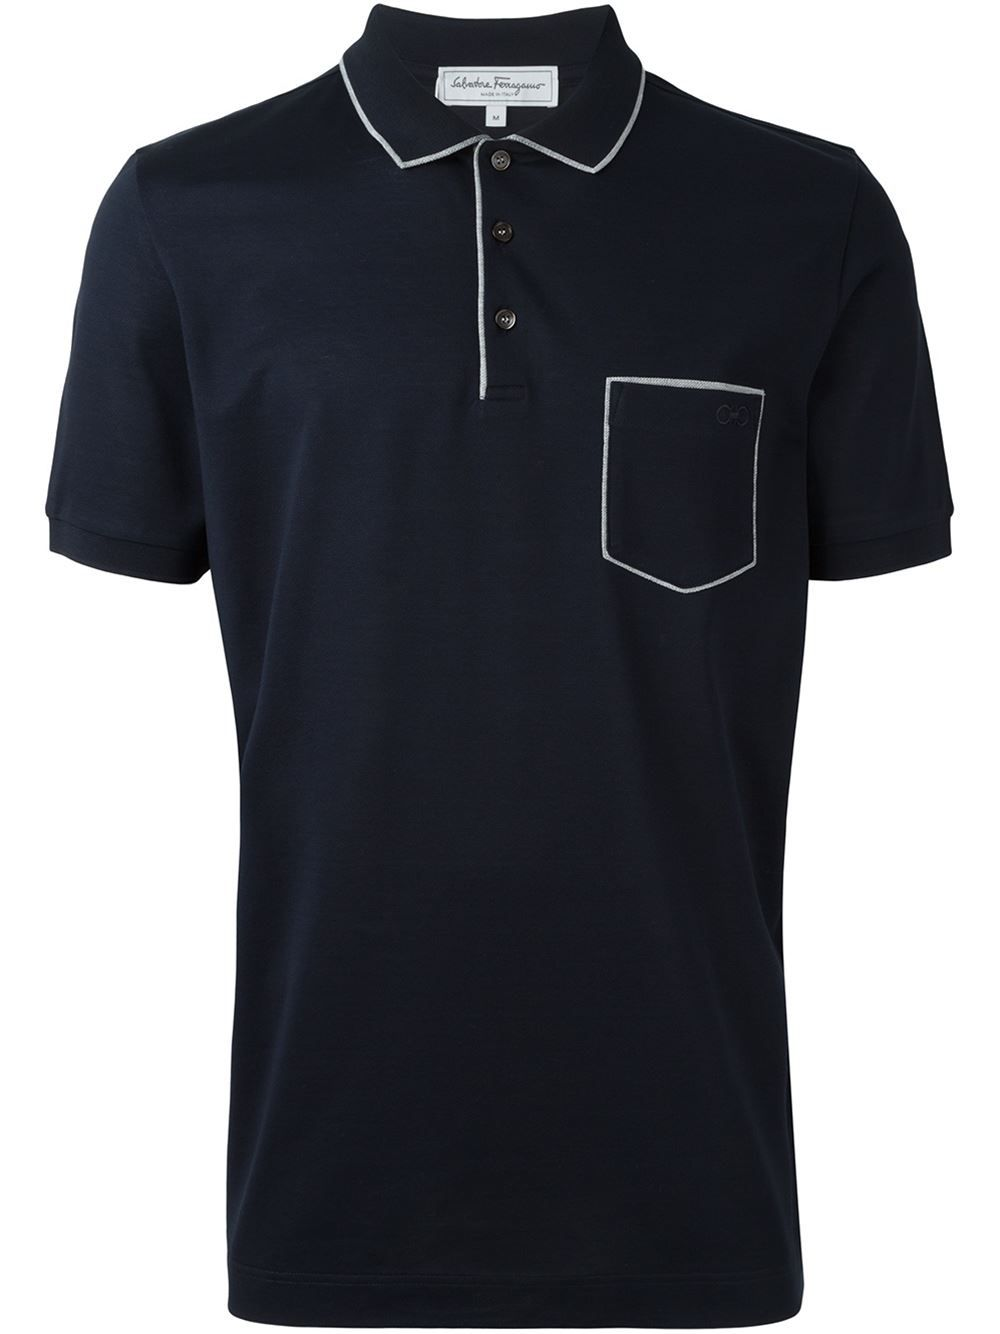 Salvatore Ferragamo Camisa polo com bolso  1a5c20efbf51e